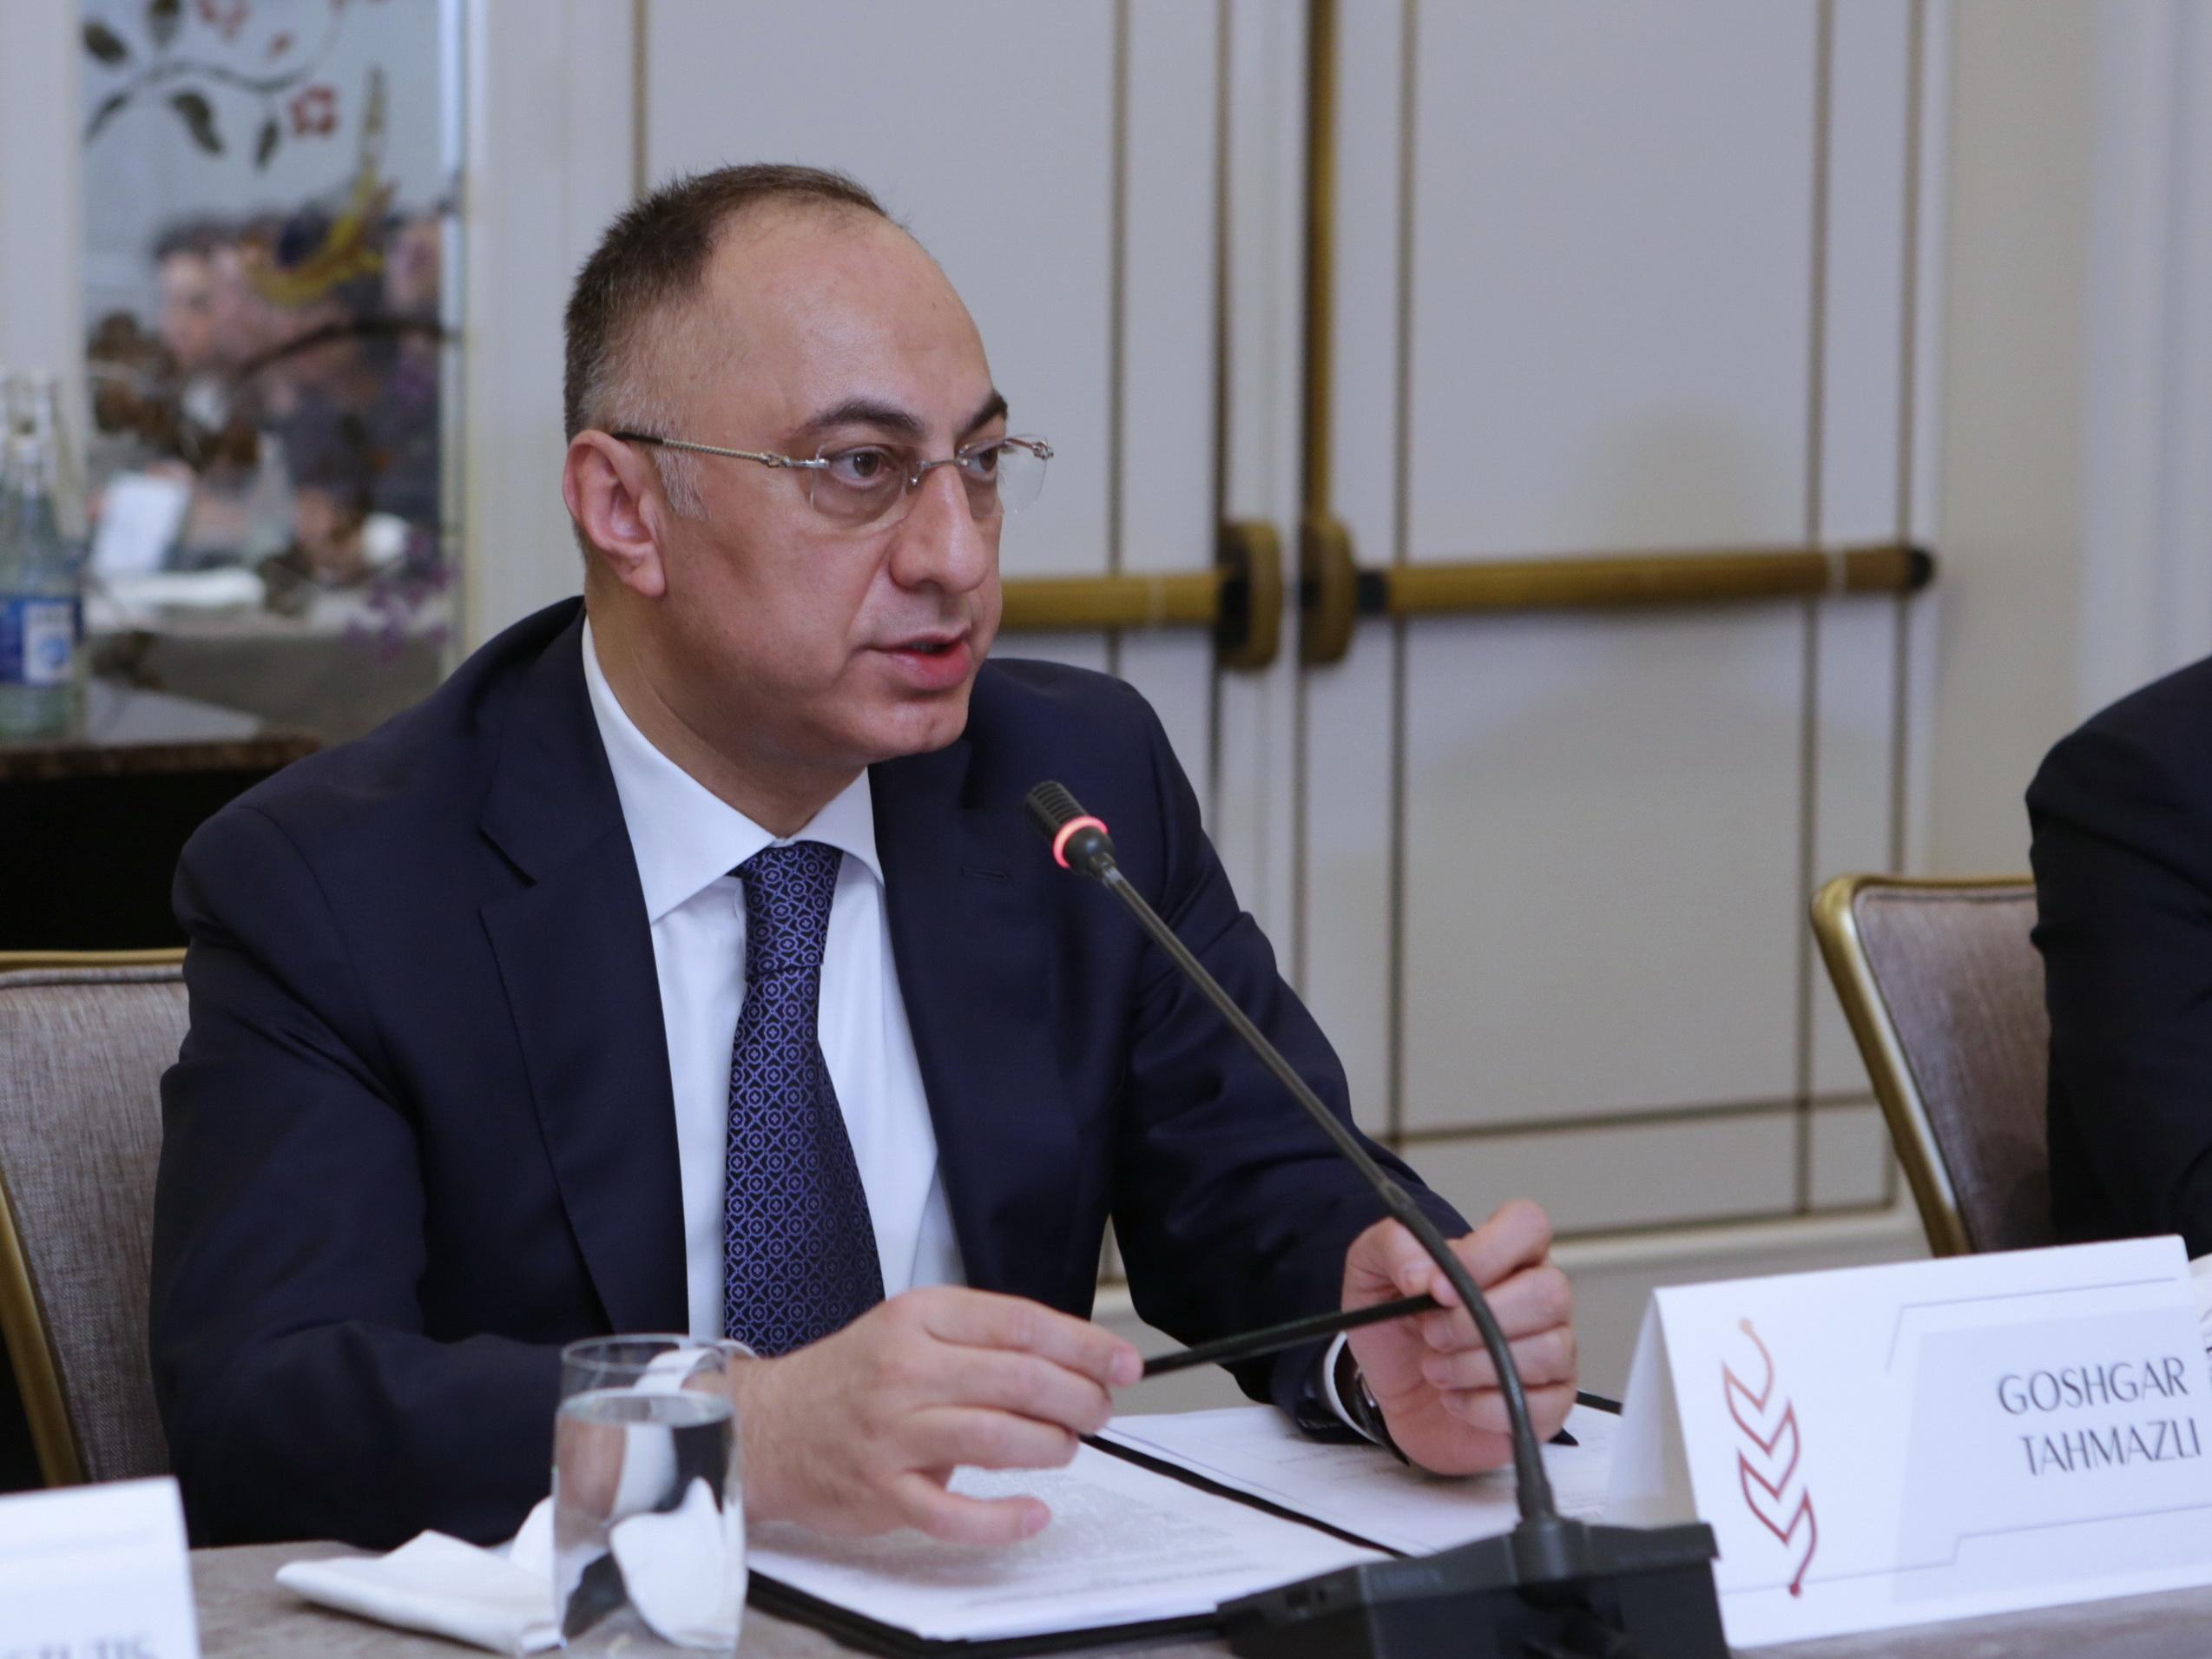 Глава Агентства по продбезопасности – о ввозе в Азербайджан запрещенных в Турции продуктов питания